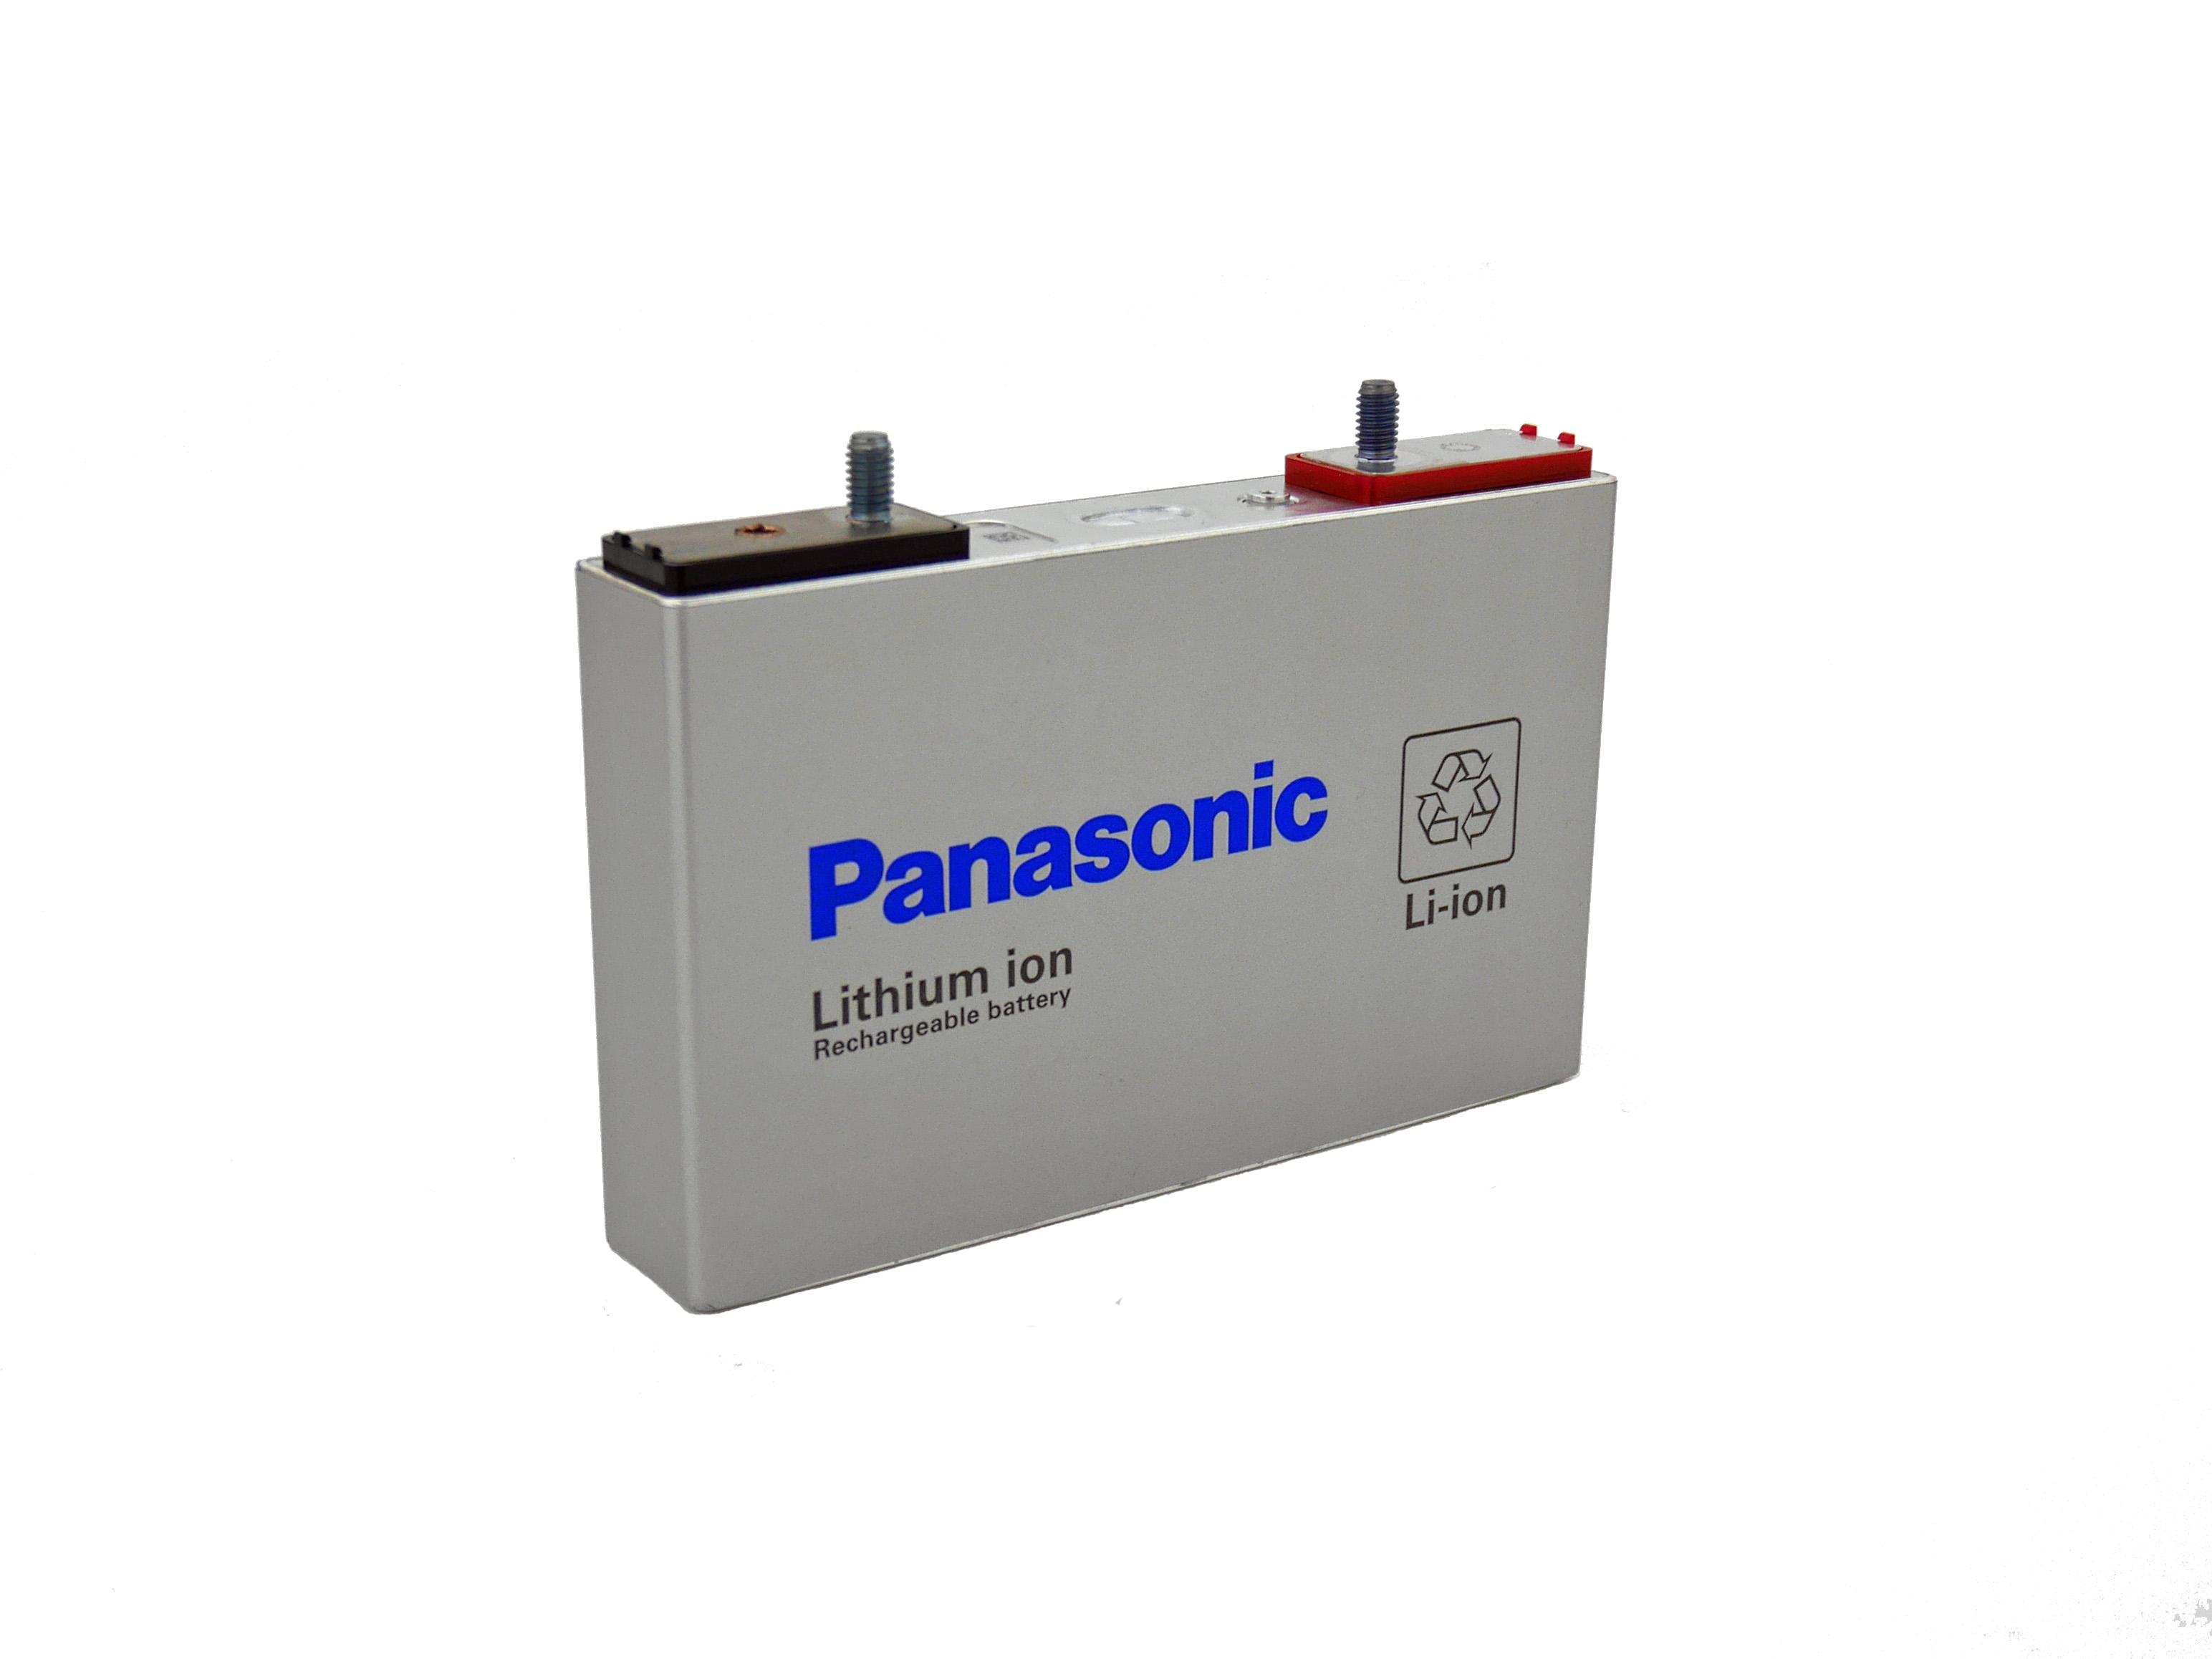 插电式混合动力汽车用锂离子电池(照片:美国商业资讯)